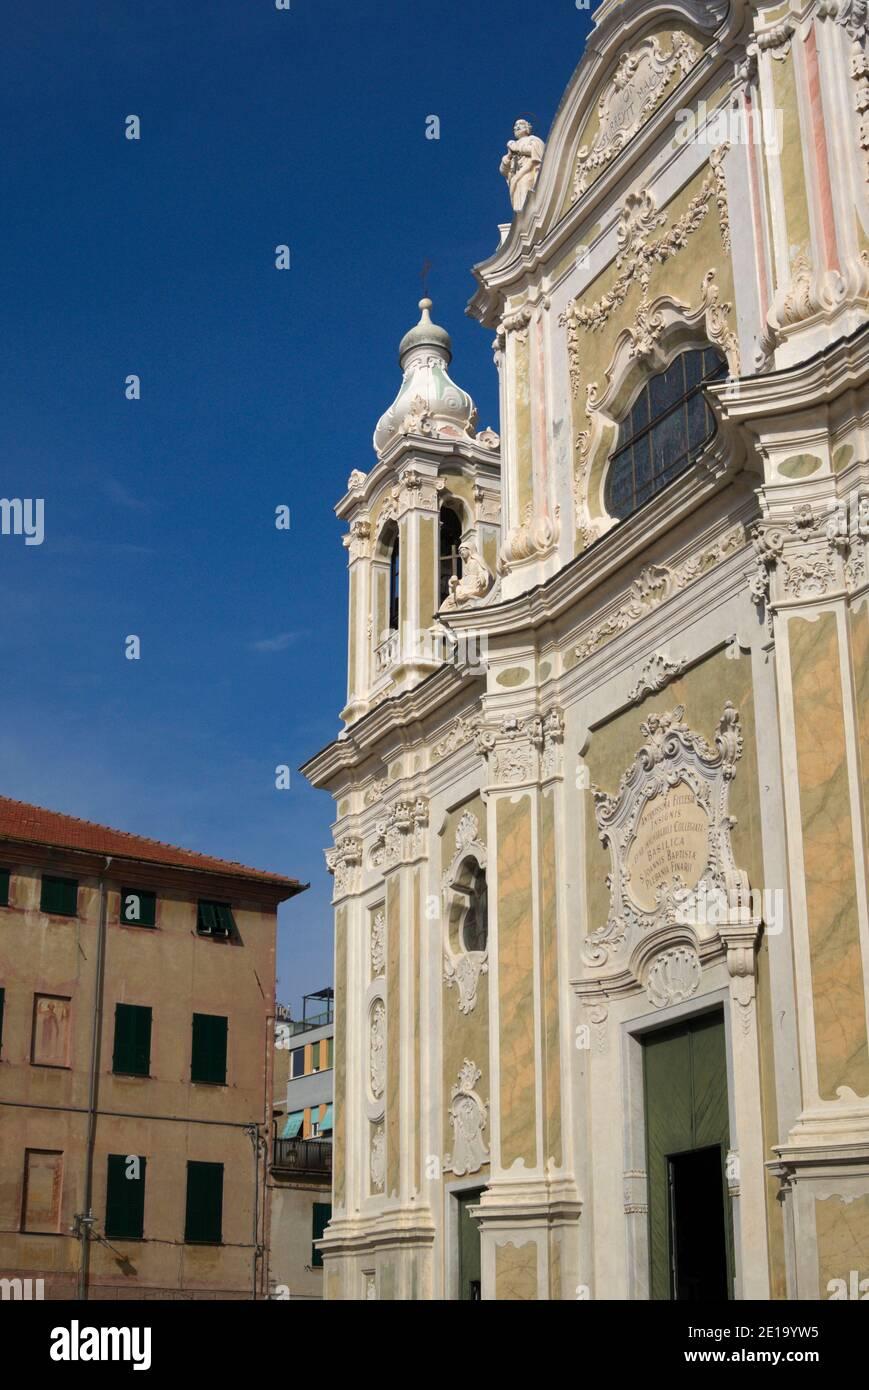 Chiesa di San Giovanni Battista, finale Ligure, Liguria, Italia Foto Stock